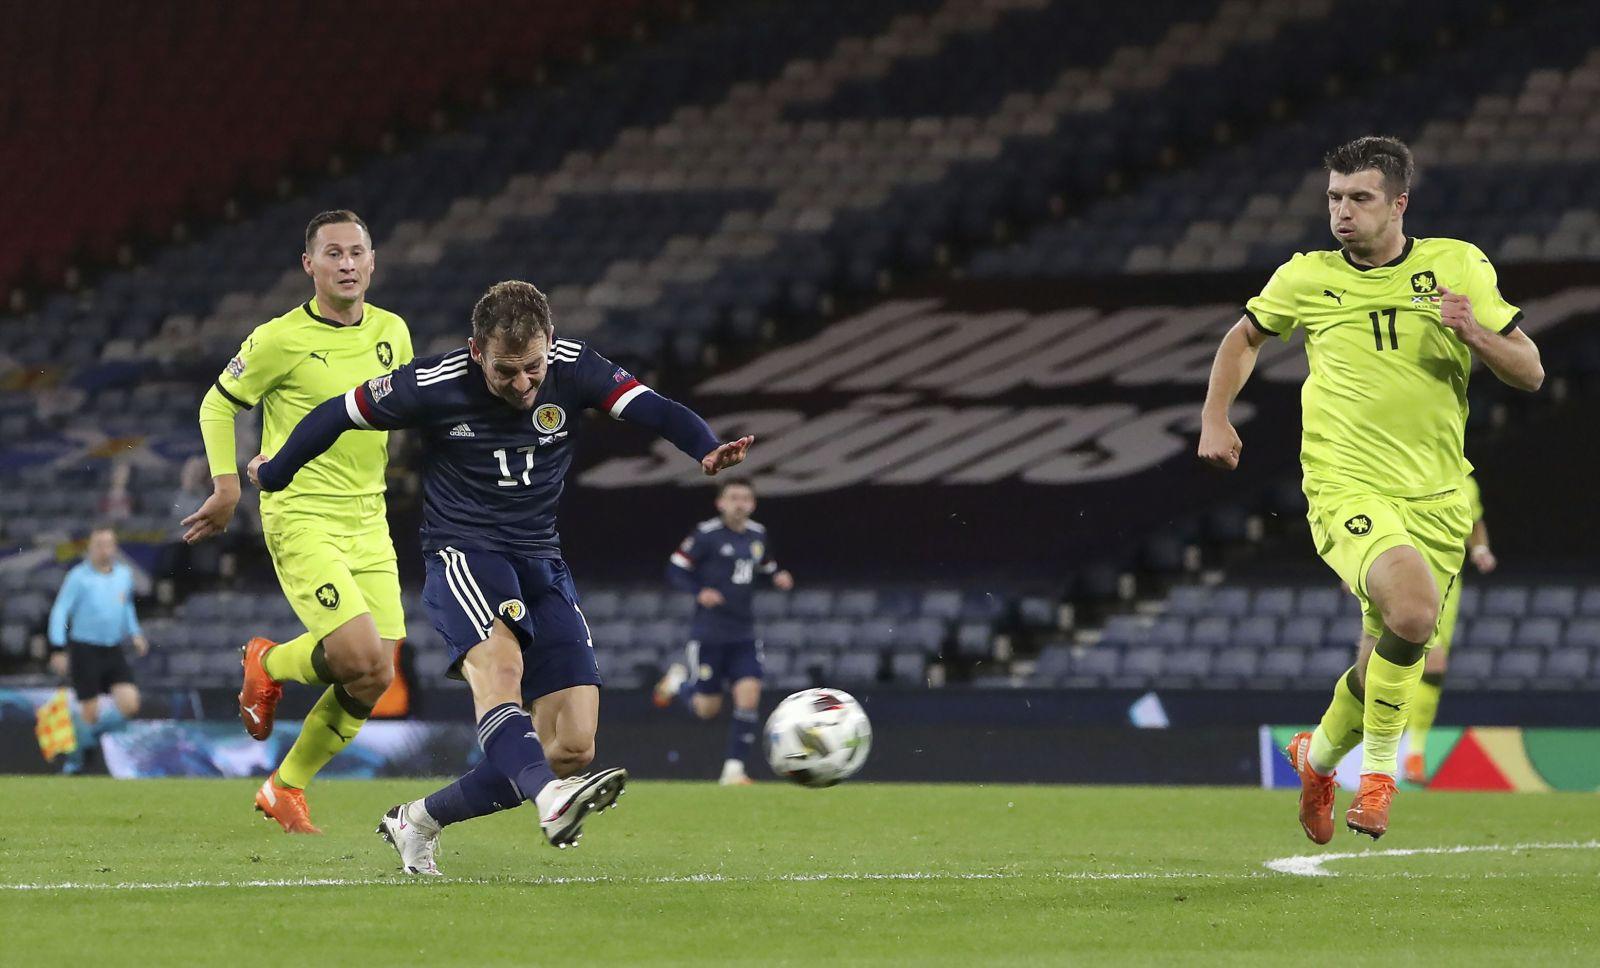 Čeští fotbalisté poklekli ve Skotsku, rozhodli se podpořit BLM a setkali se s kritikou